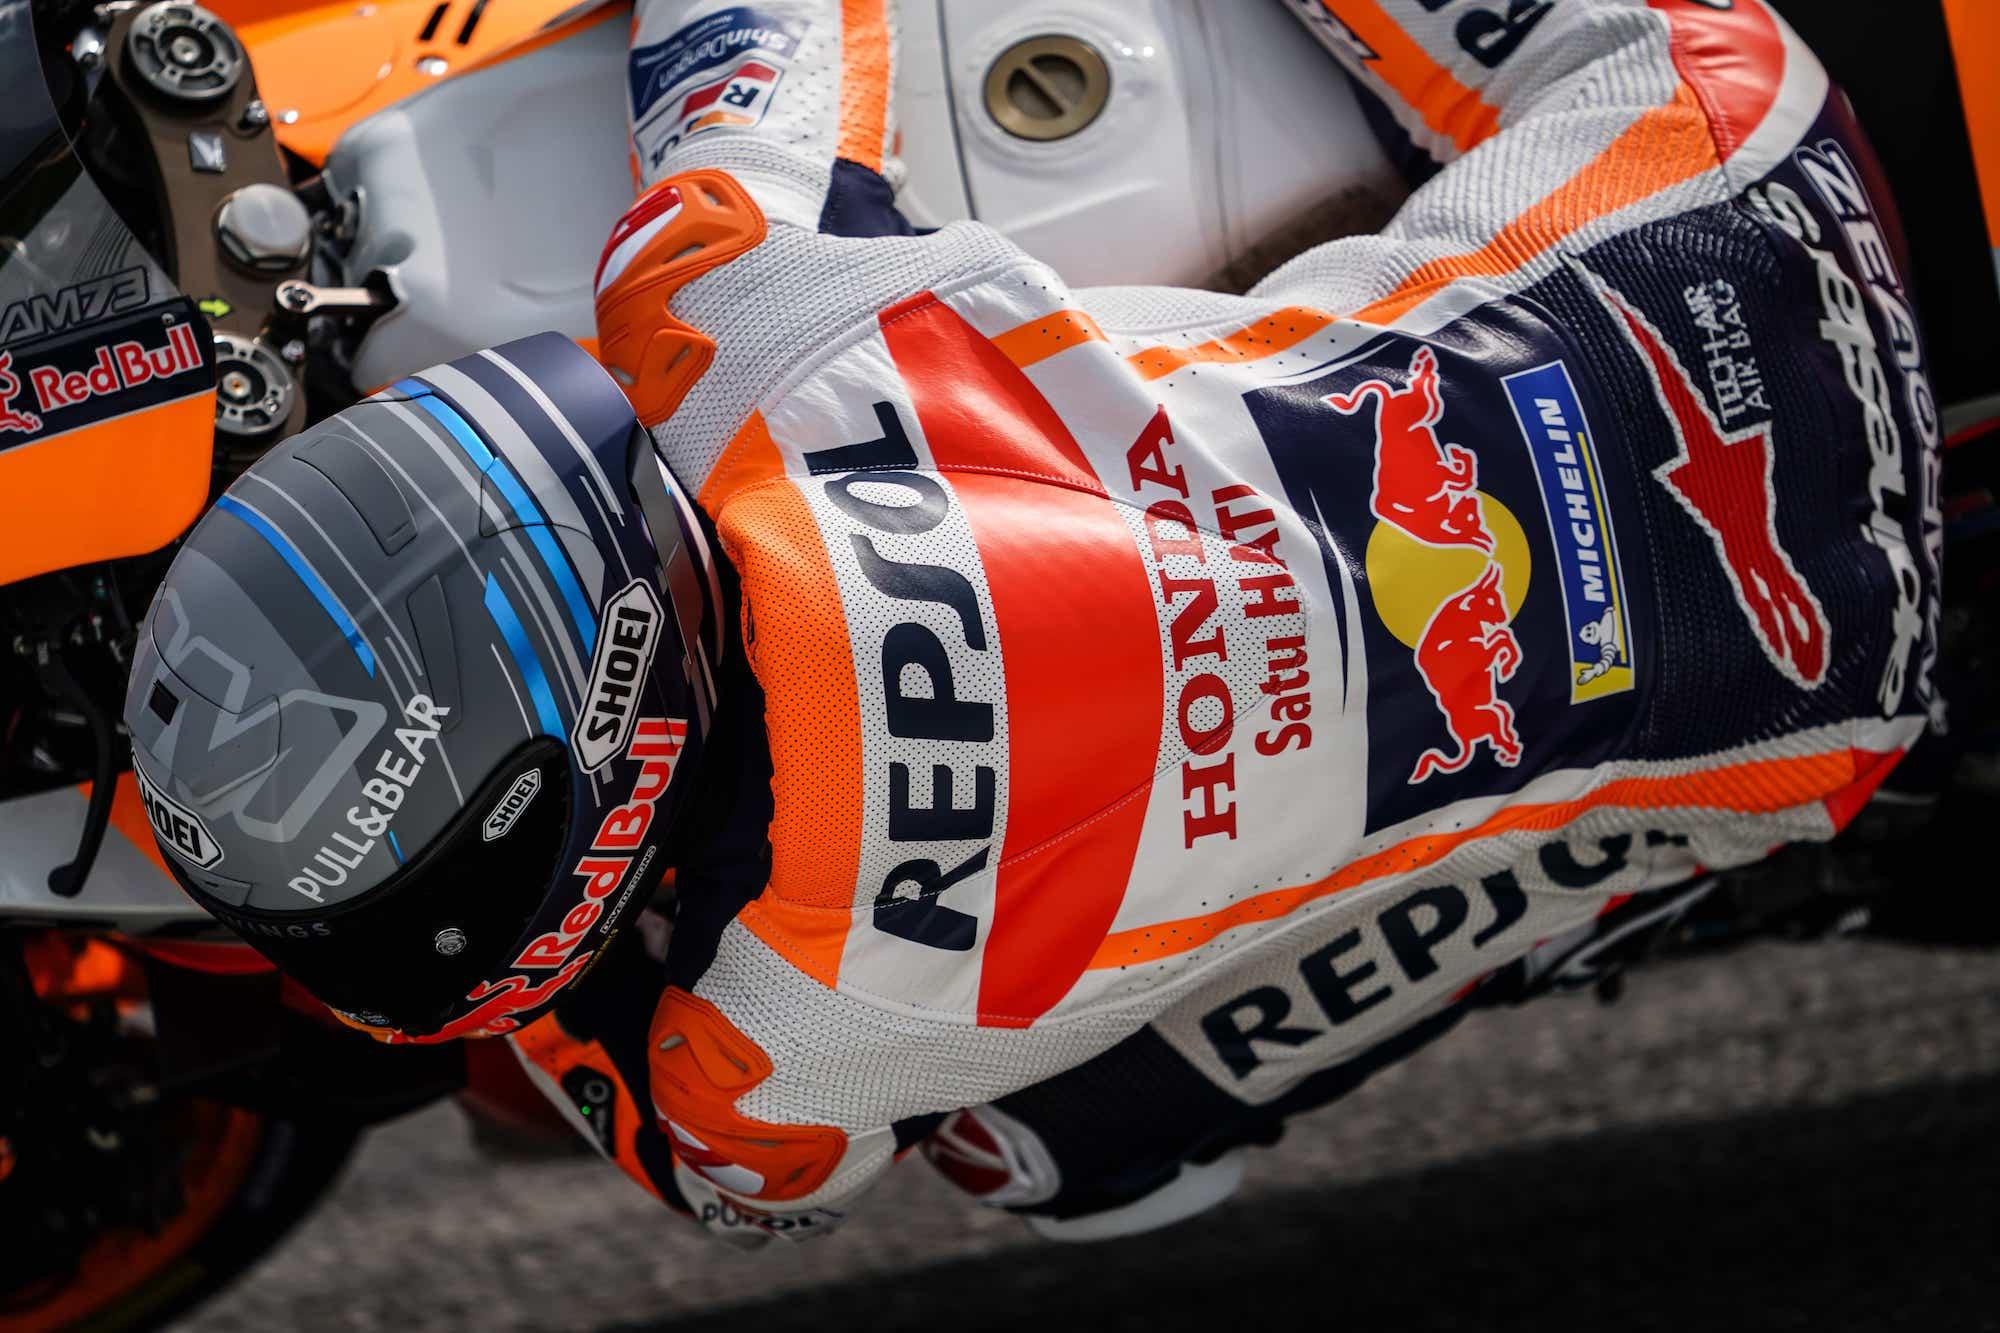 MotoGPセパンテスト2日目 タイヤの理解を深めたアレックス、マルクは転倒するも怪我はなし